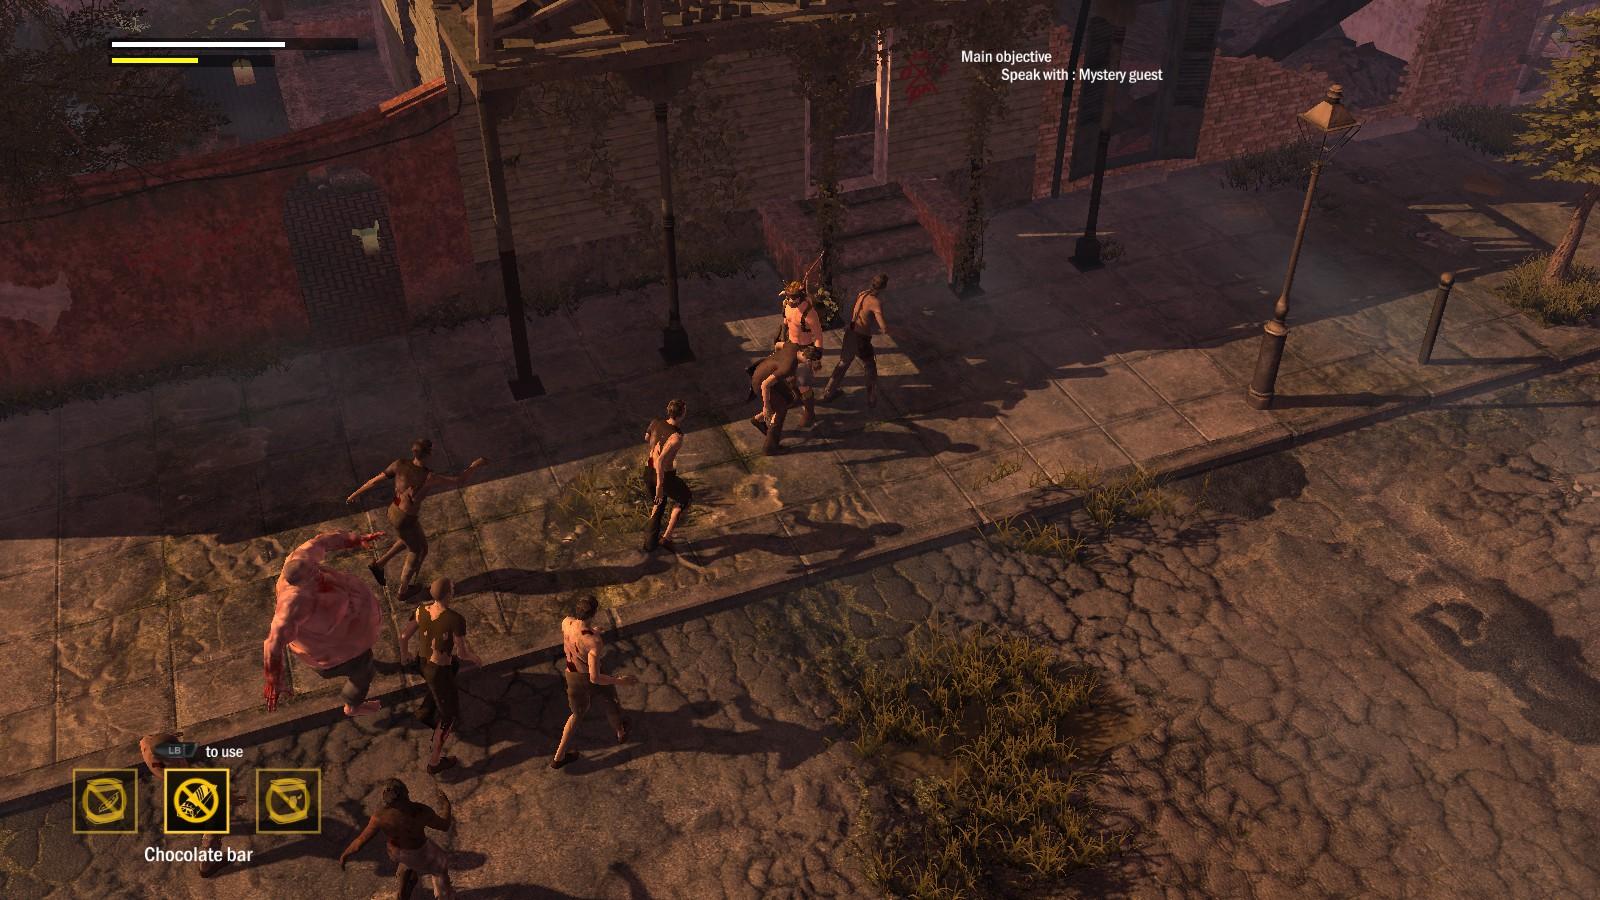 Wspominałem już, że walka z więcej niż jednym zombie bywa ciężka? Nazywając rzeczy po imieniu - w tej sytuacji mamy prze...